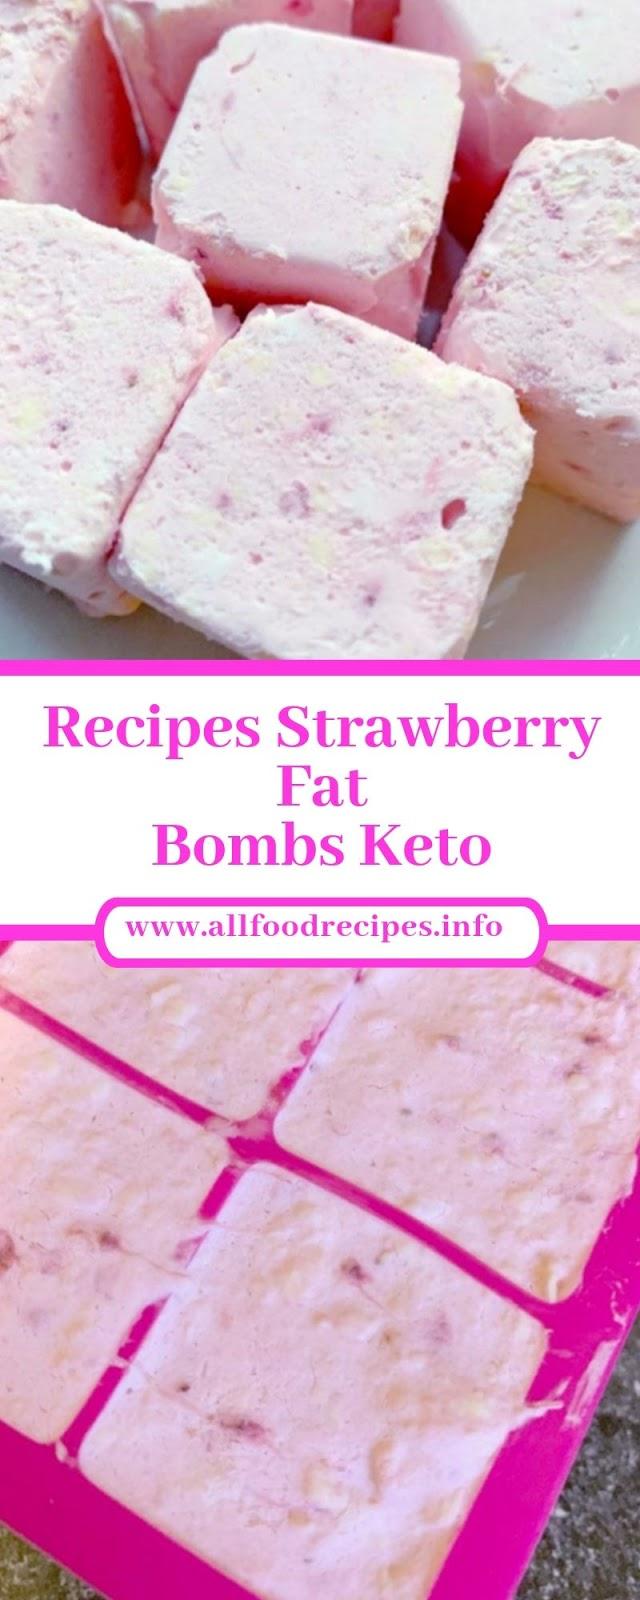 Recipes Strawberry Fat Bombs Keto